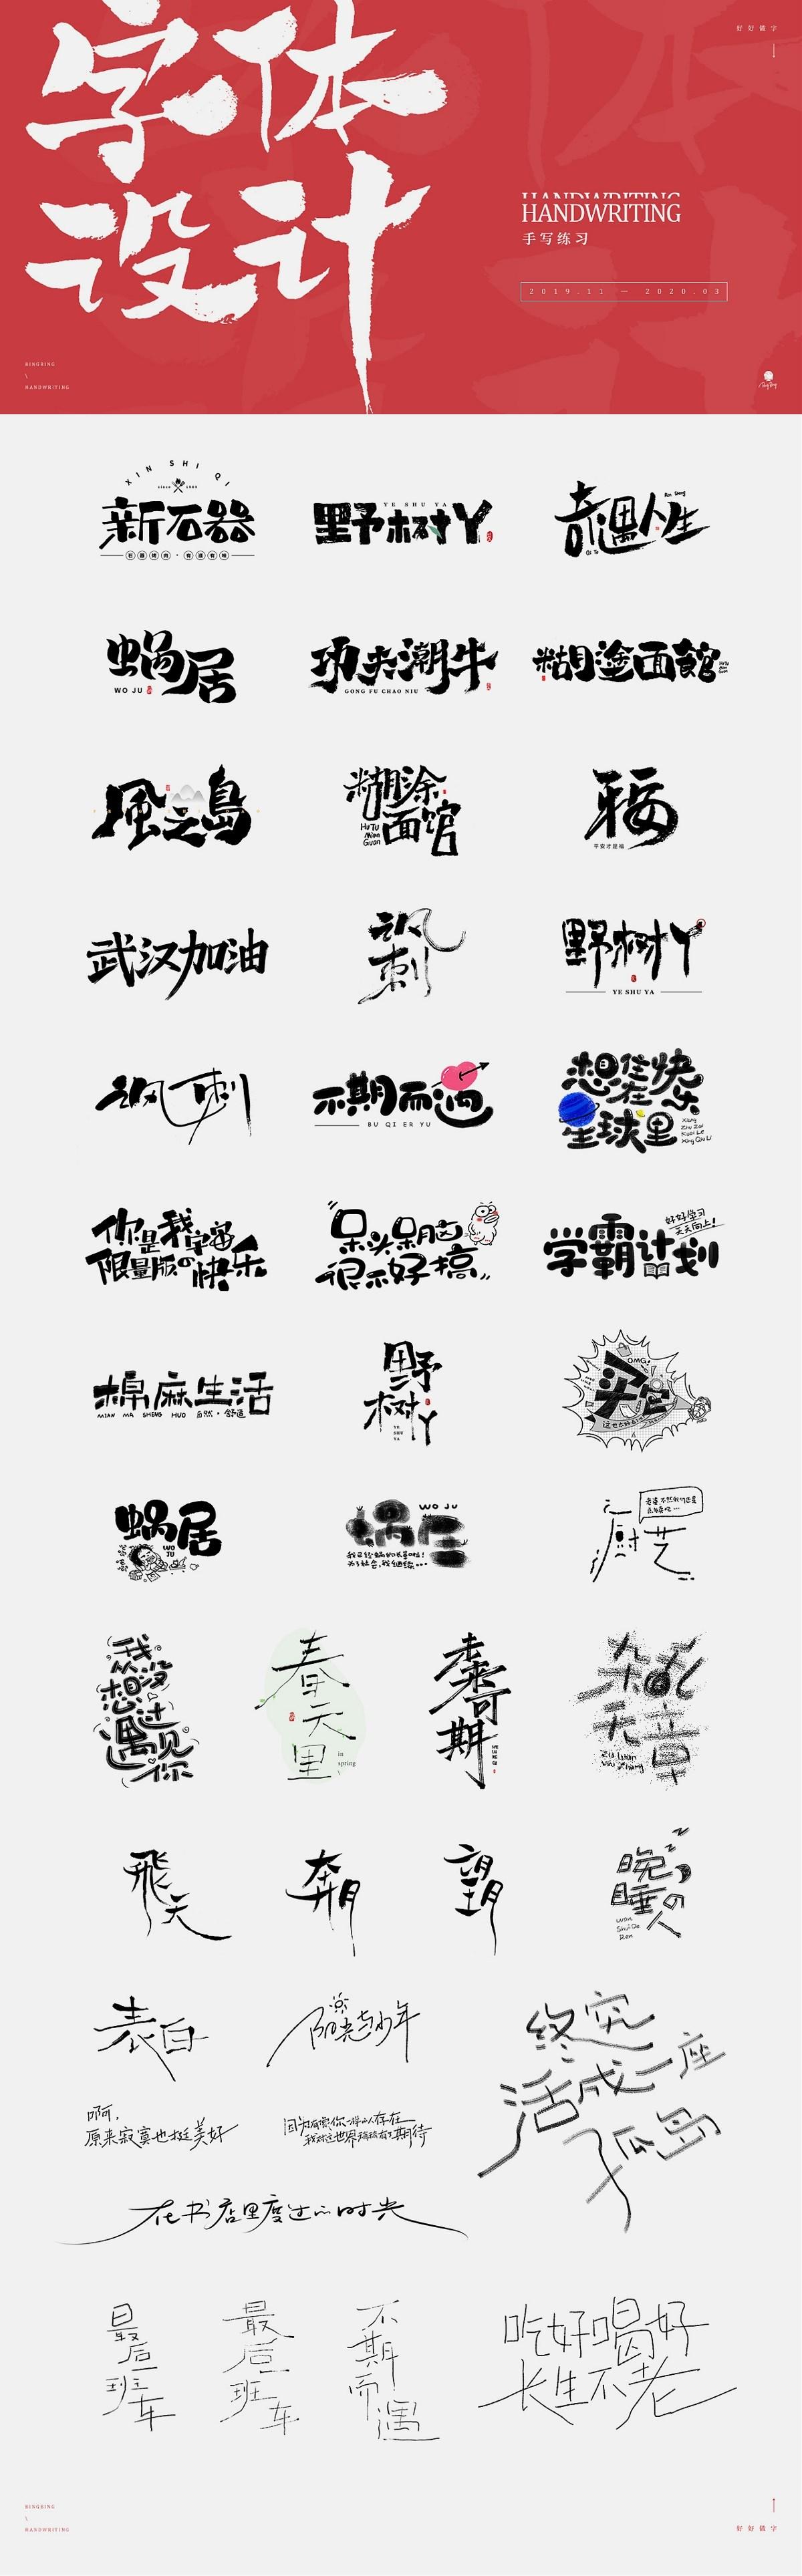 2019-2020 | 手寫字體